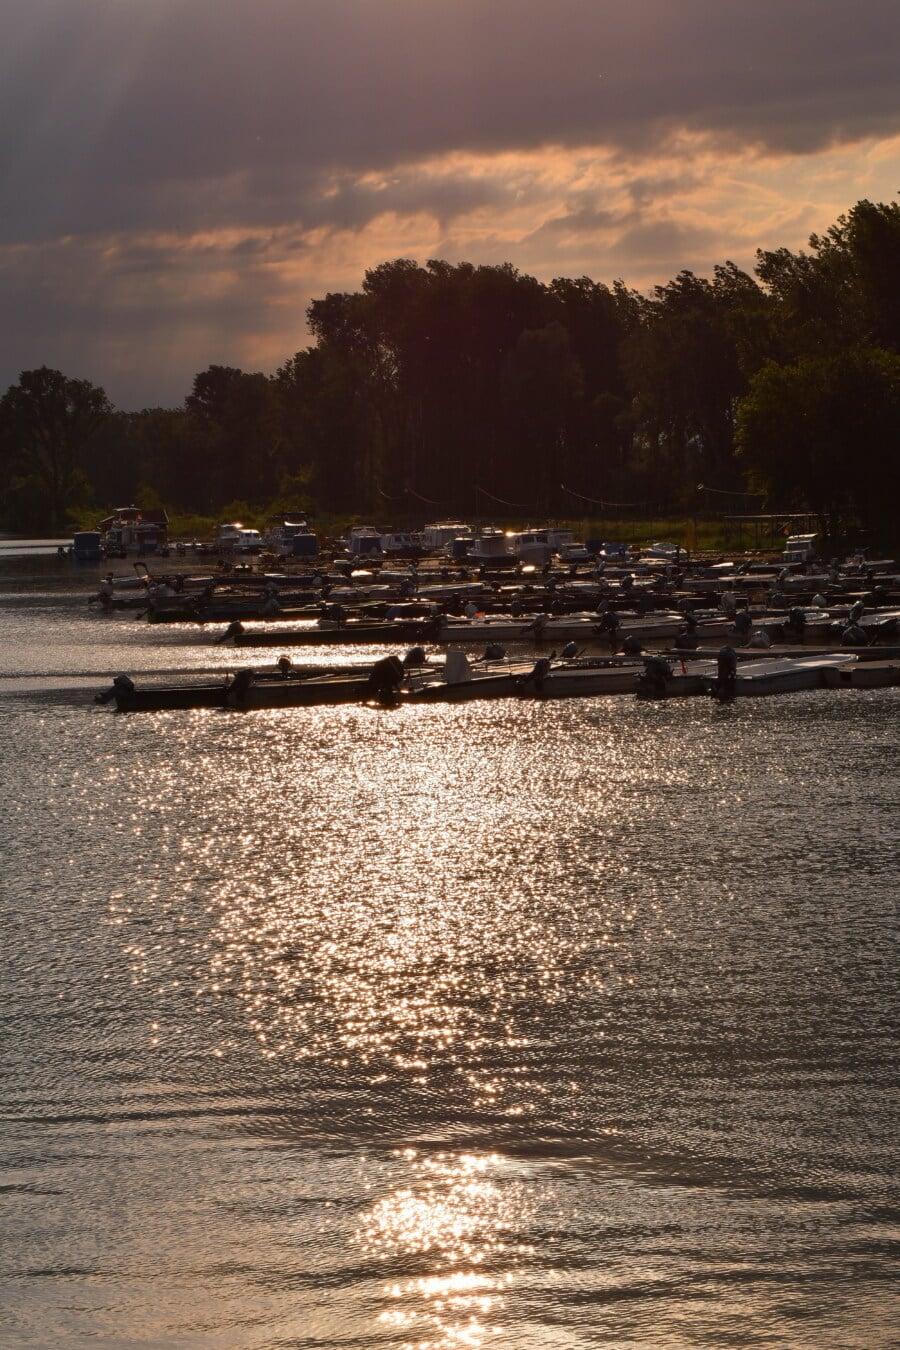 am See, Dämmerung, Hafen, Flussschiff, Motorboot, Boote, Wasser, Dämmerung, Sonnenuntergang, Fluss